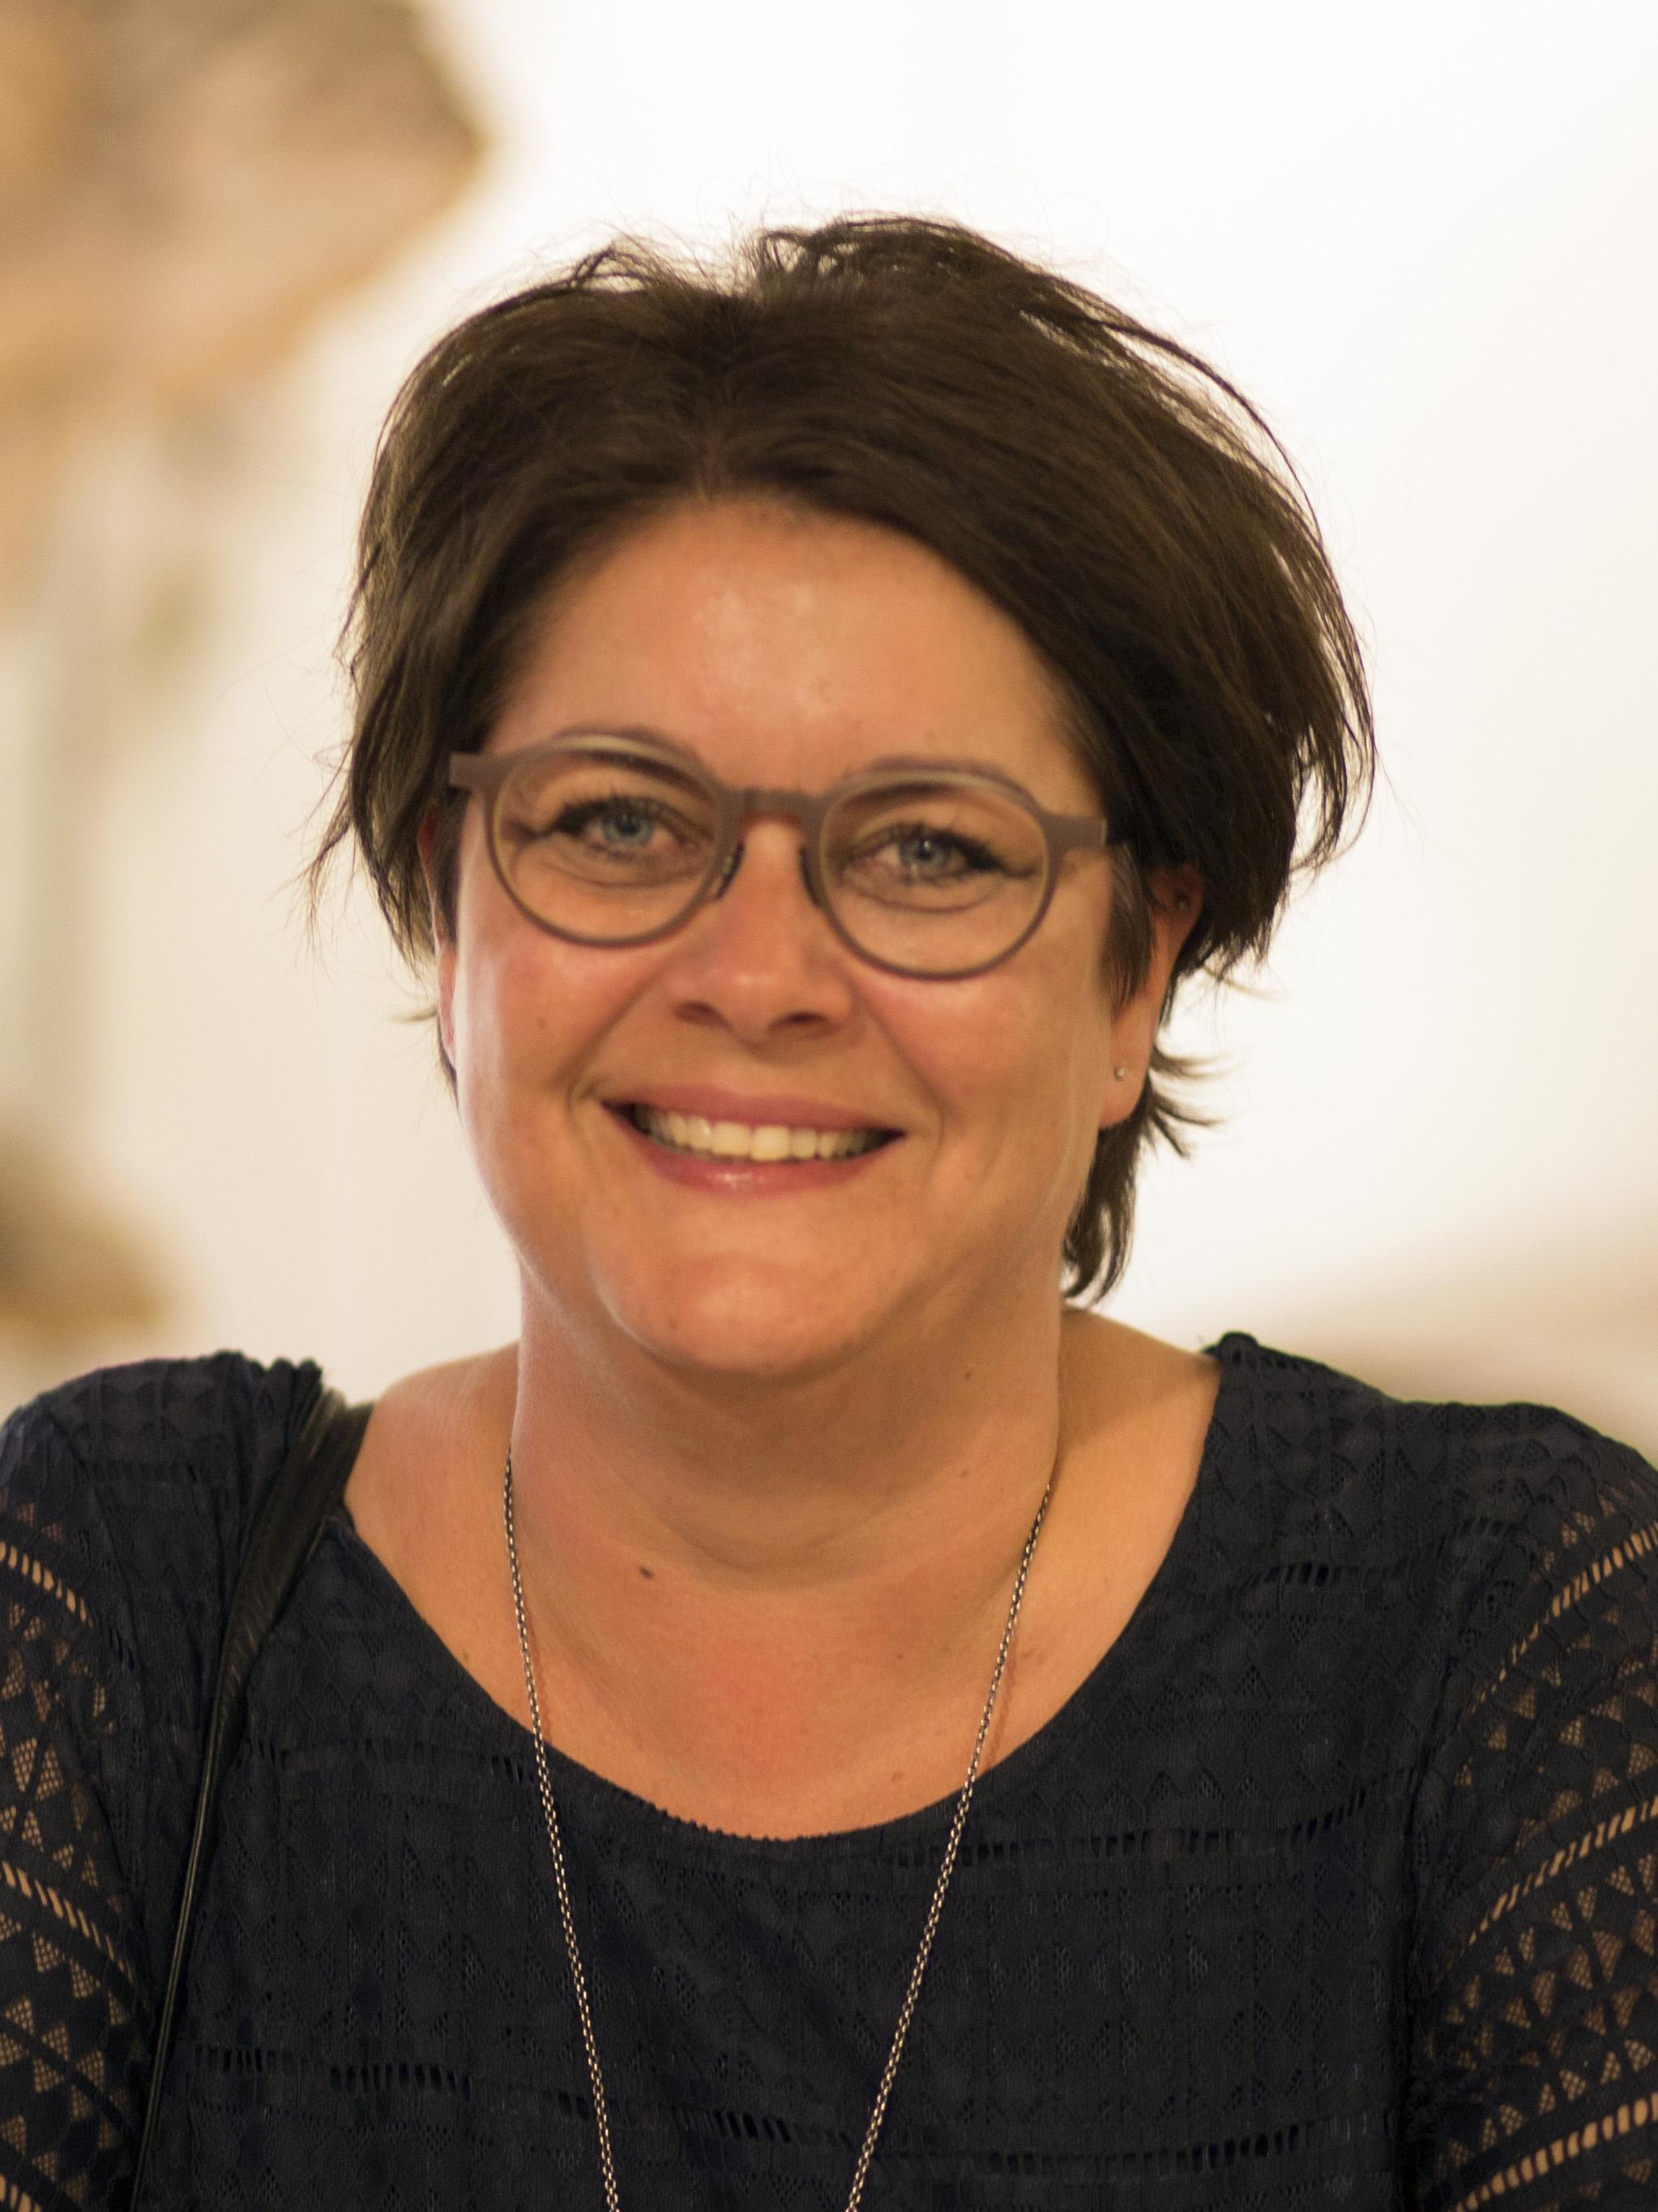 Susanne Vang